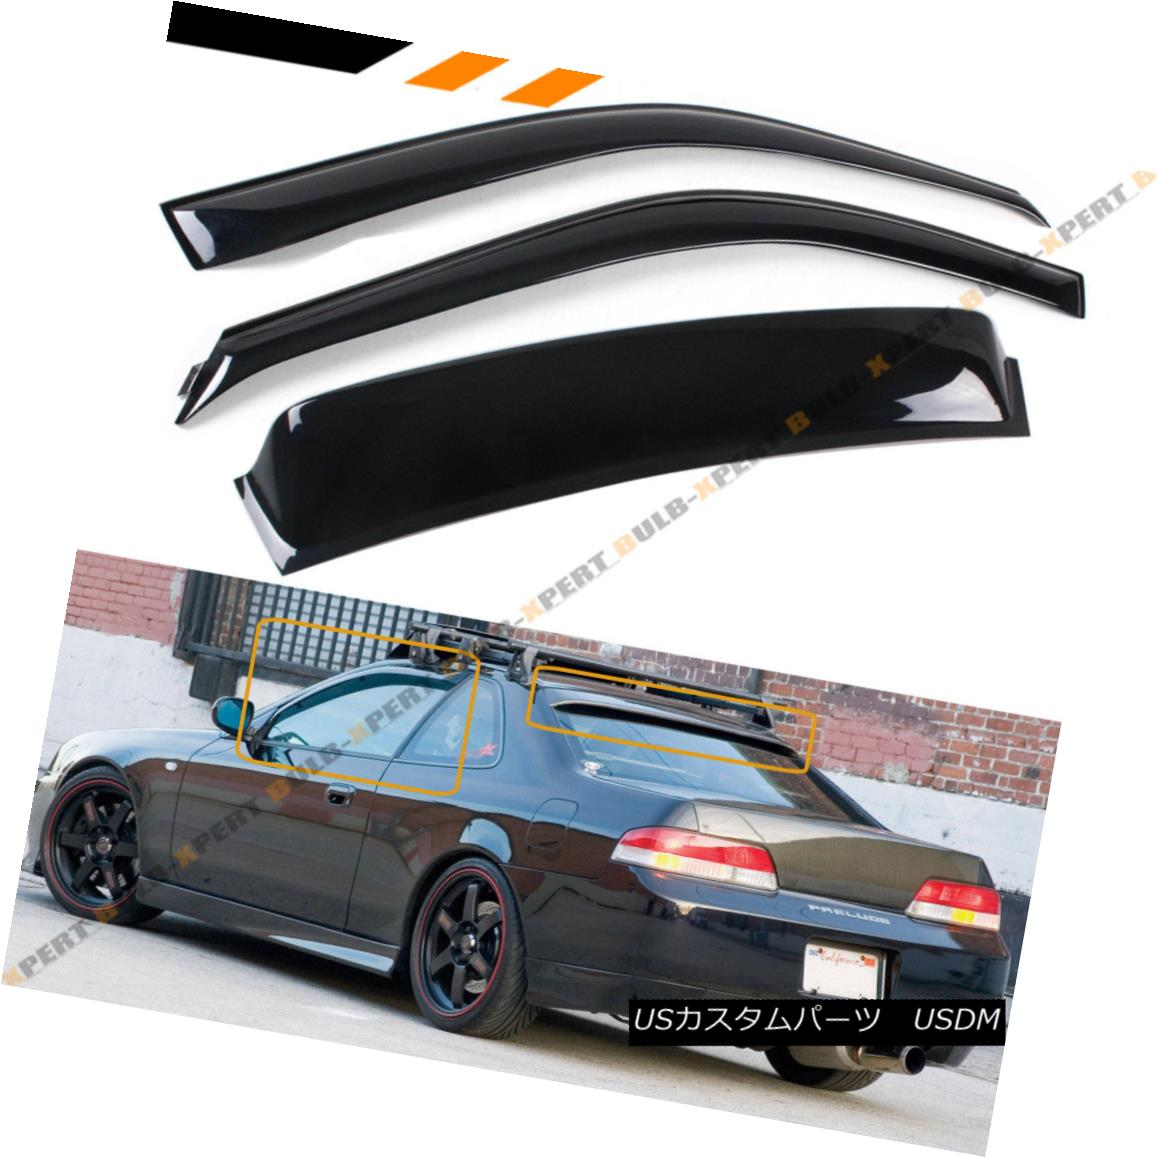 エアロパーツ For 1997-01 5th Gen Honda Prelude Rear Window Roof Visor + Rain Guard Door Visor 1997-01第5世代ホンダプレリュードリアウィンドウルーフバイザー+レインガードドアバイザー